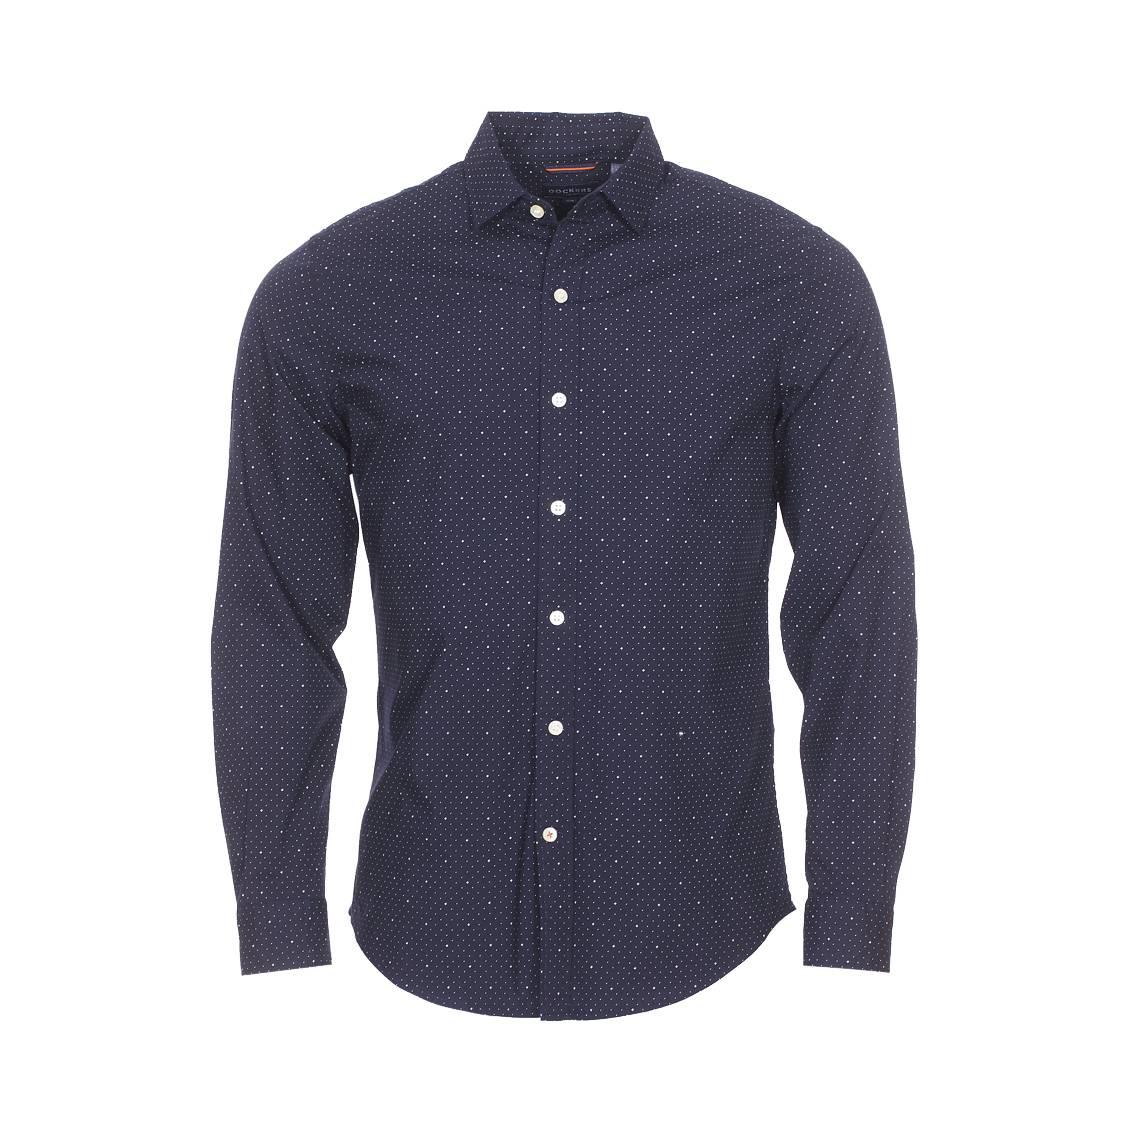 Chemise ajustée  refined en coton stretch bleu marine à croix et pois blancs